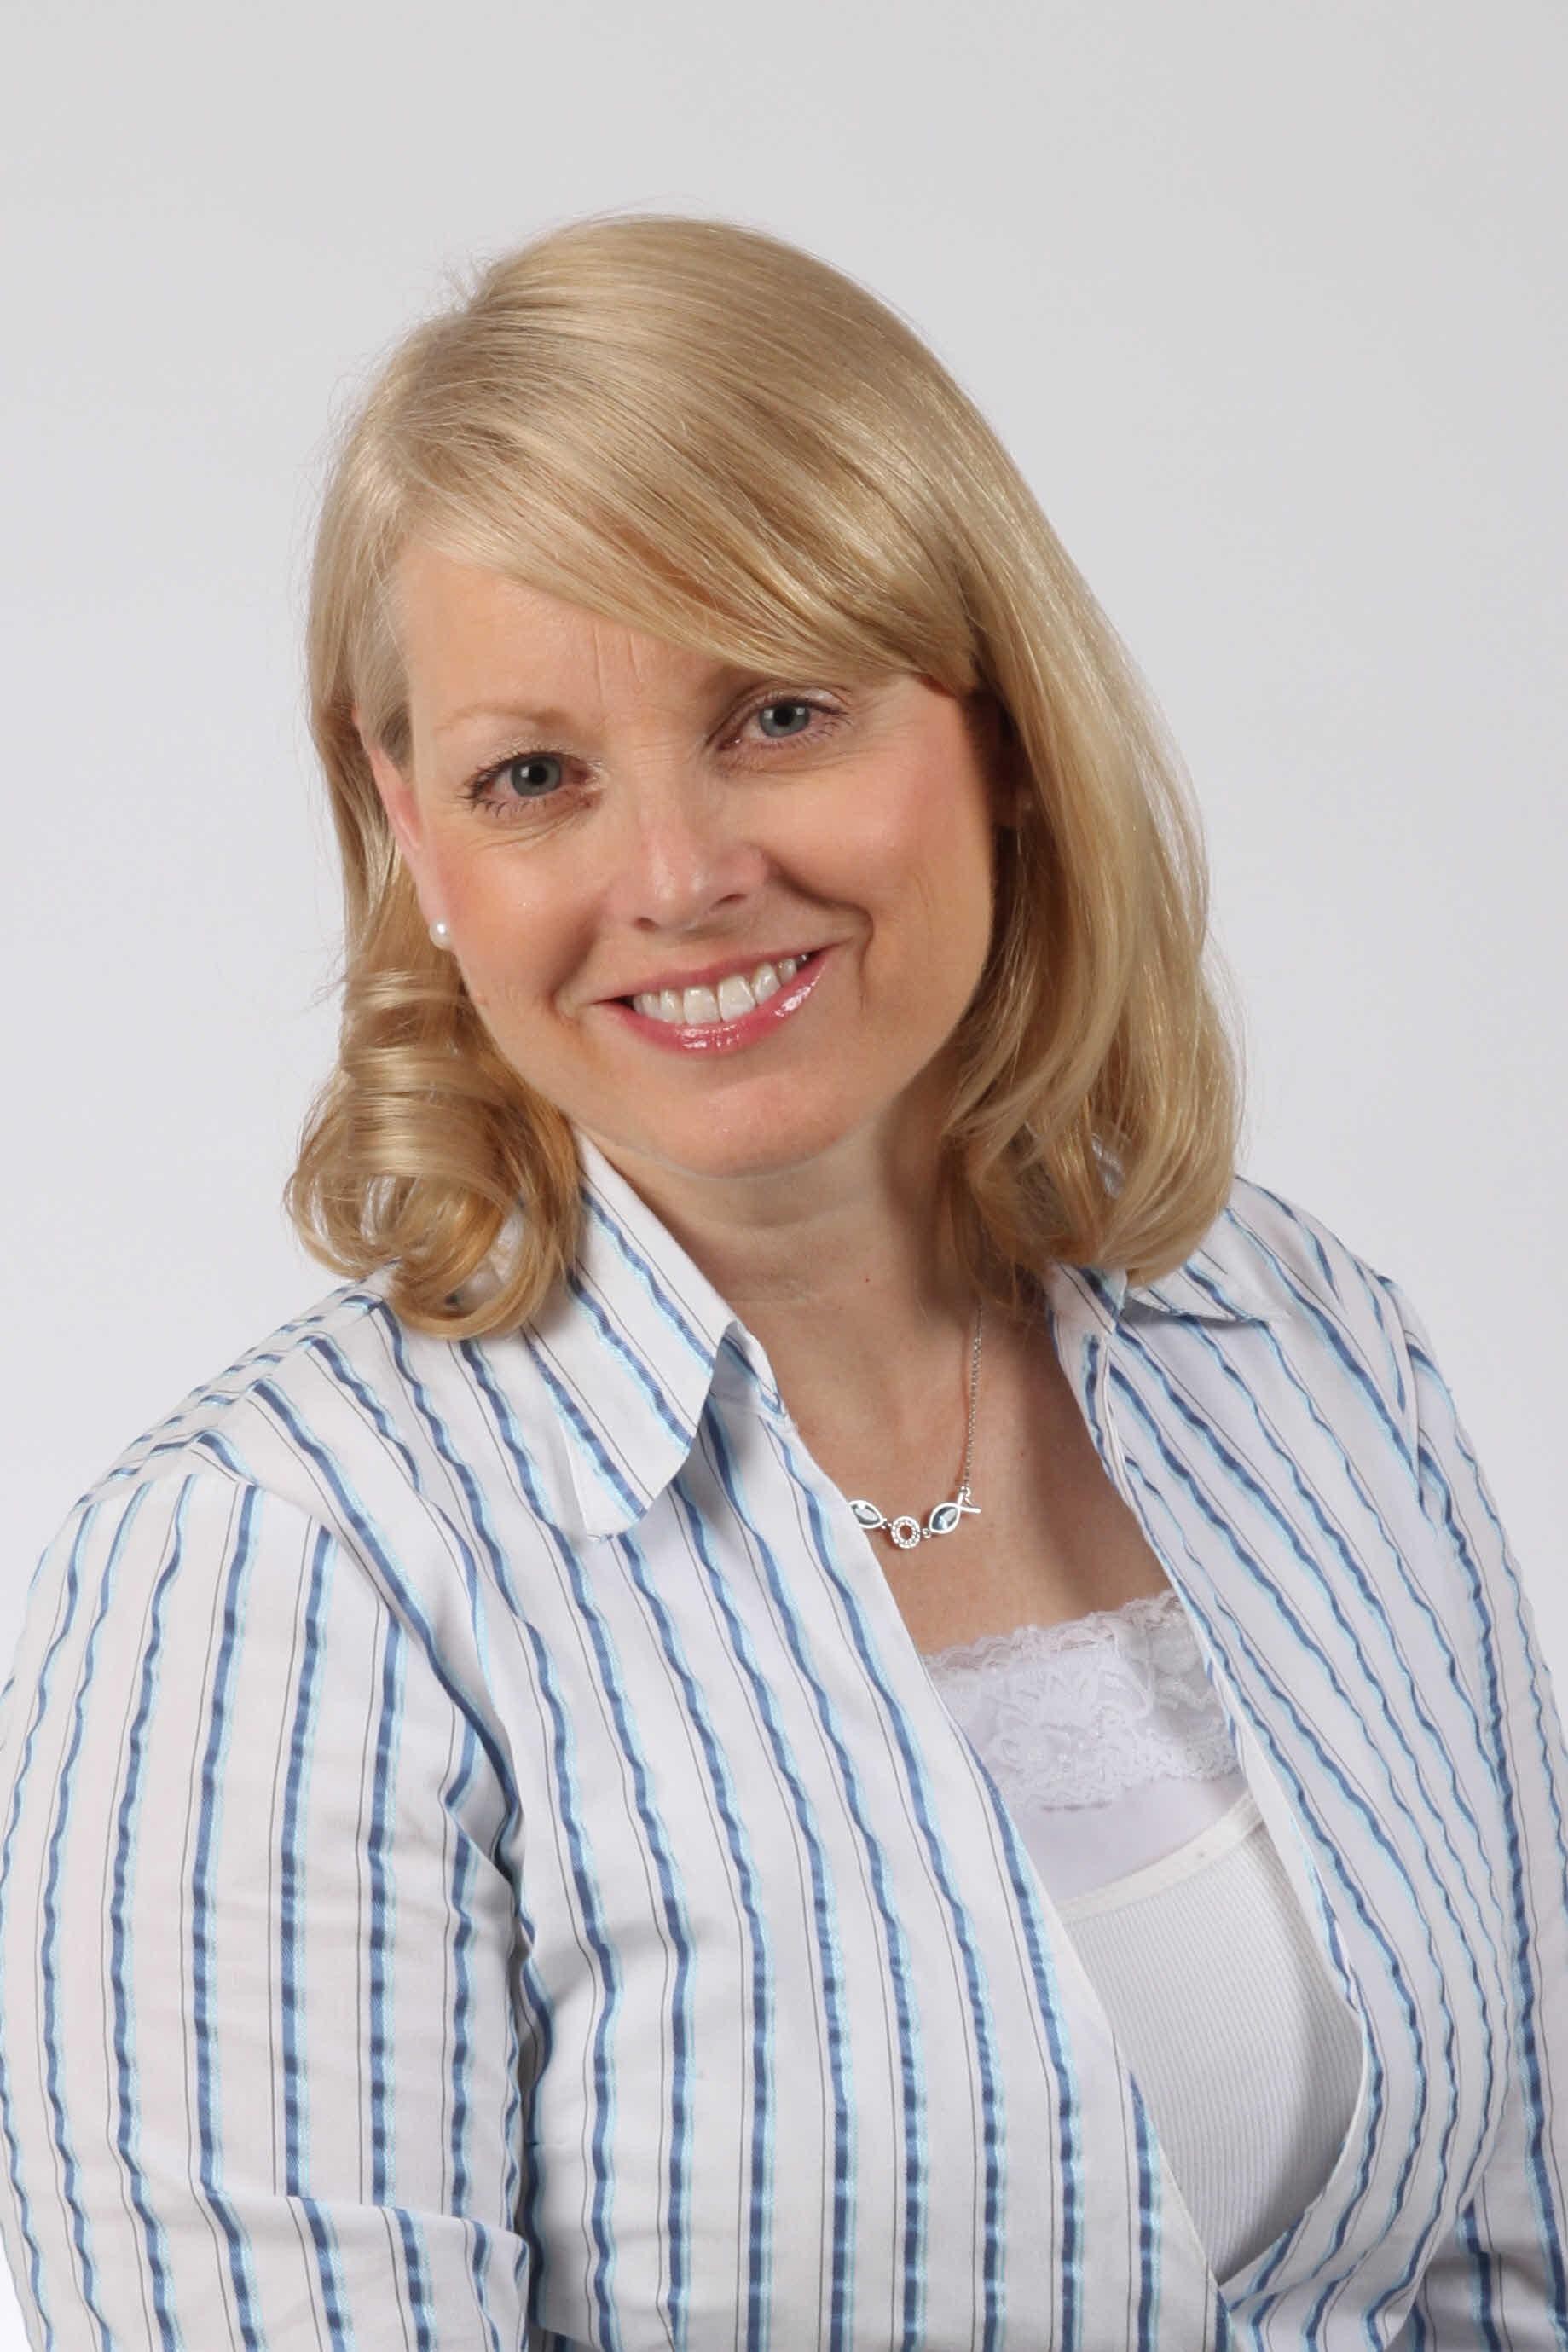 Sherri Clowe-Tompkins